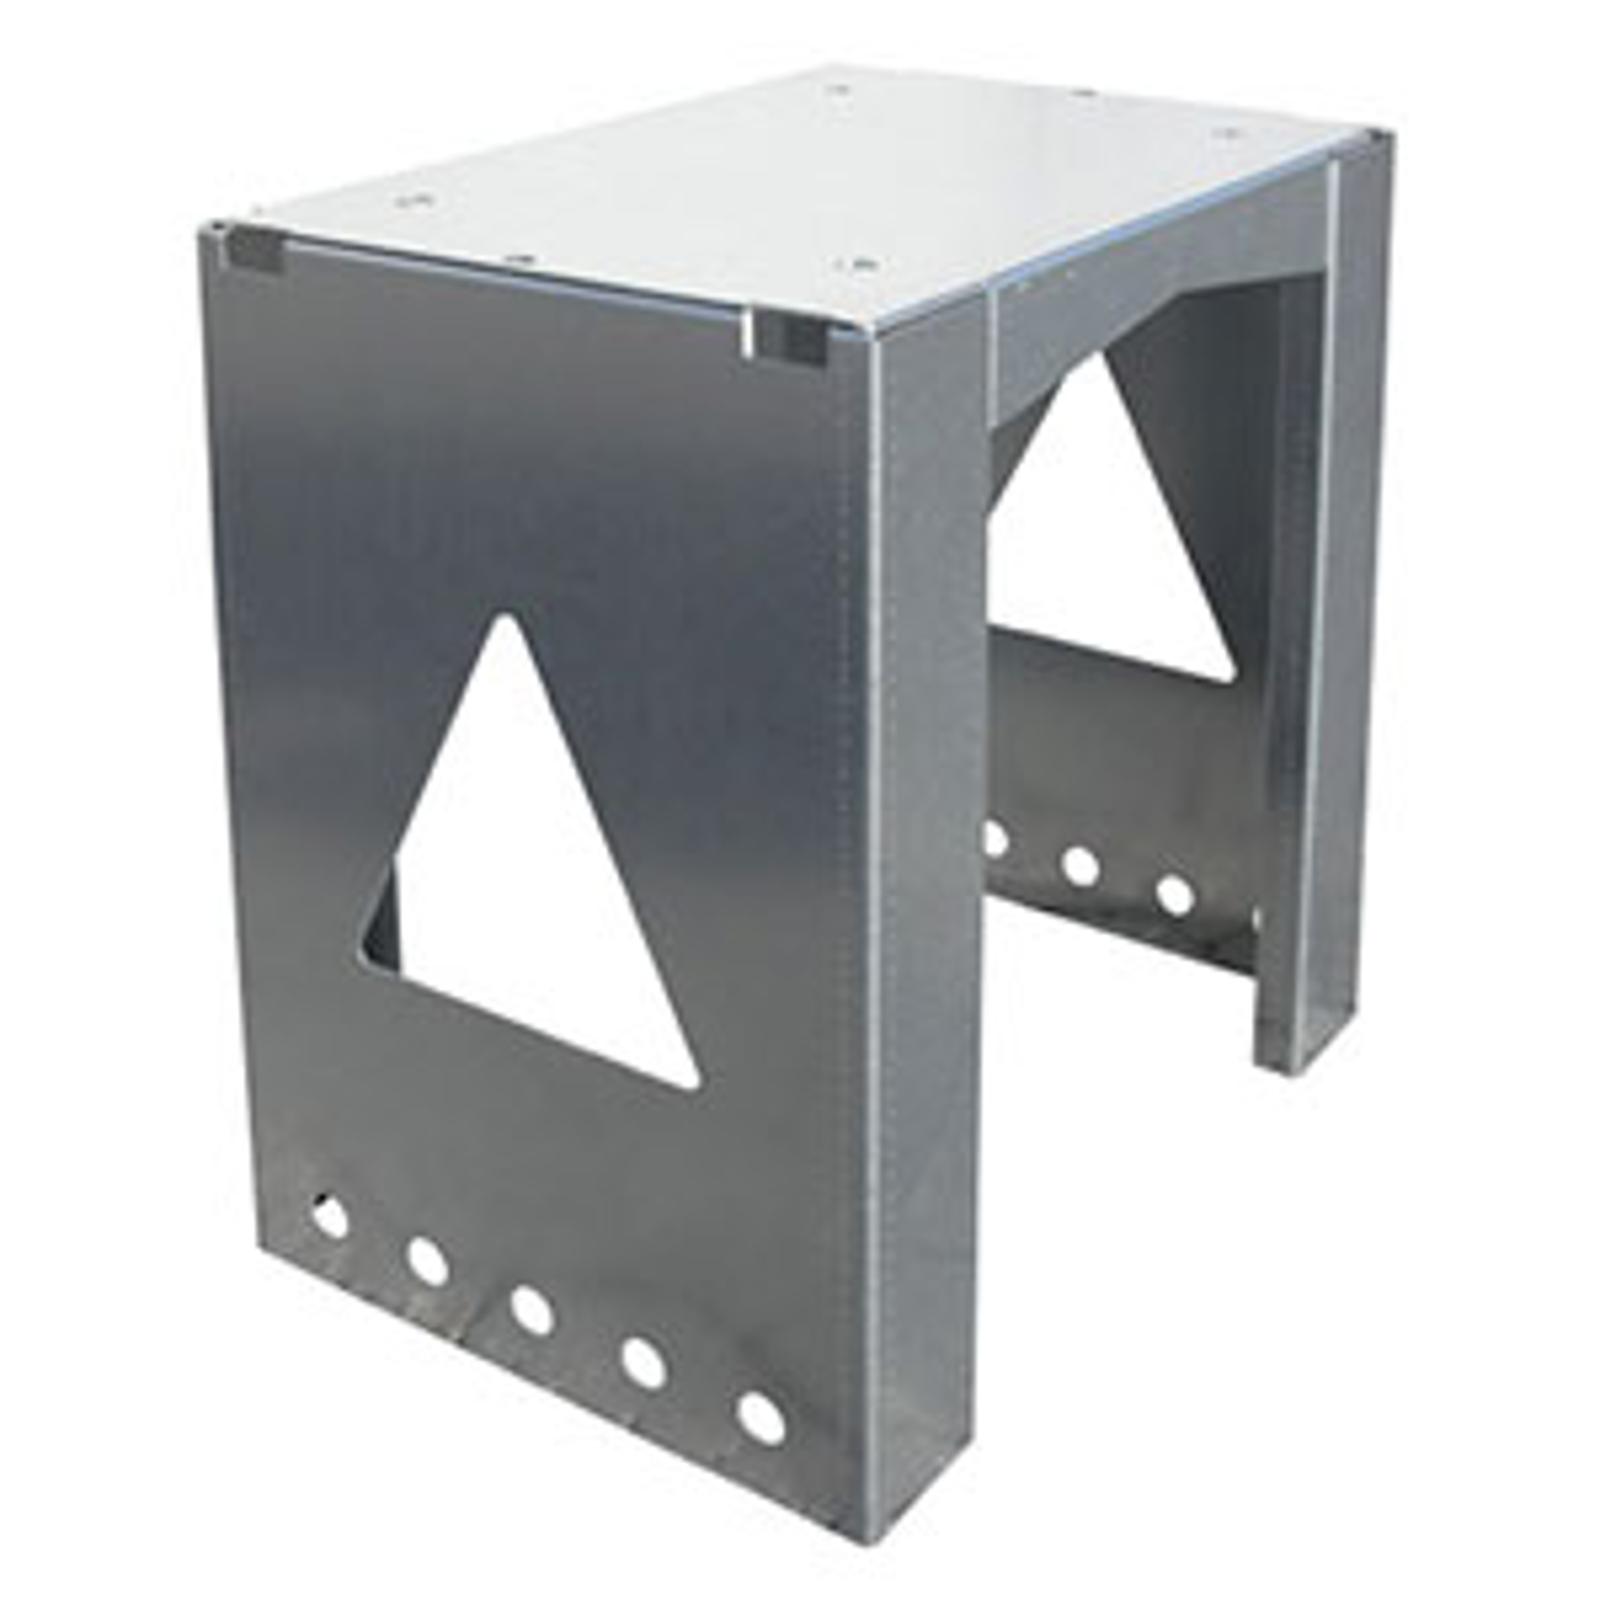 Support boîte aux lettres universel 8002, acier